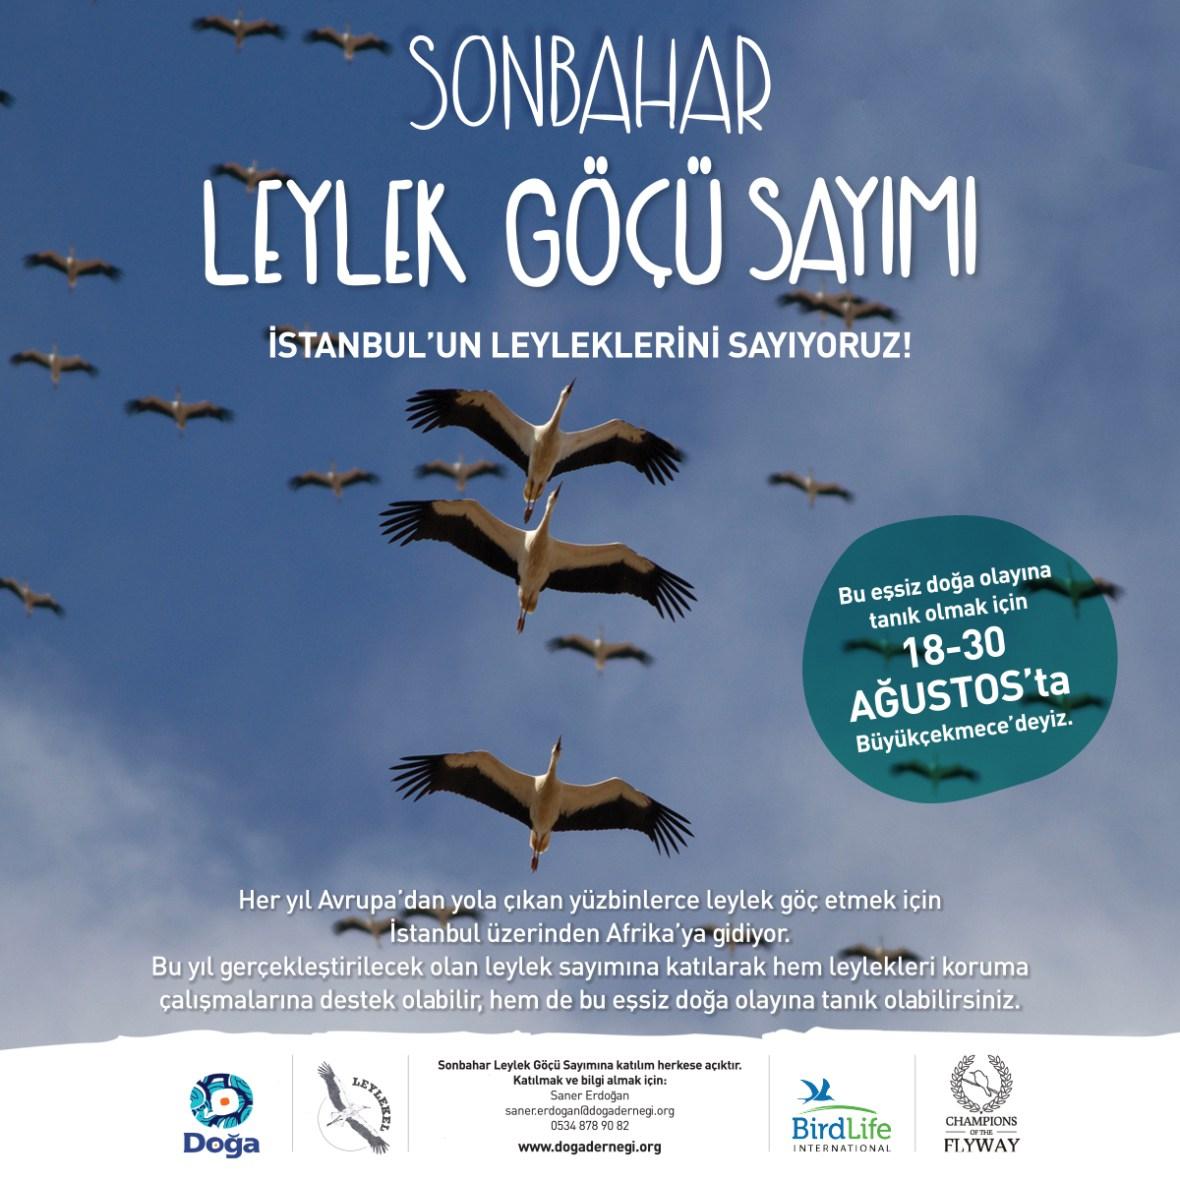 leylek-sayimi-facebook-1200x1200.jpg